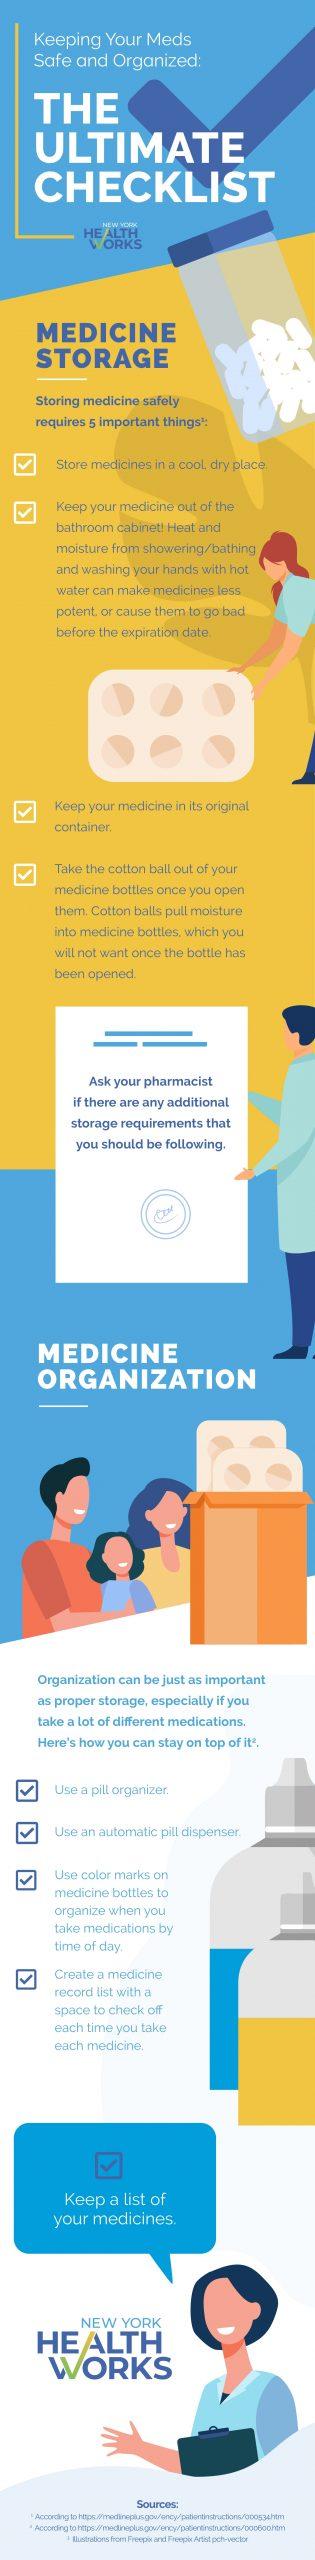 Keep Meds Safe Checklist infographic